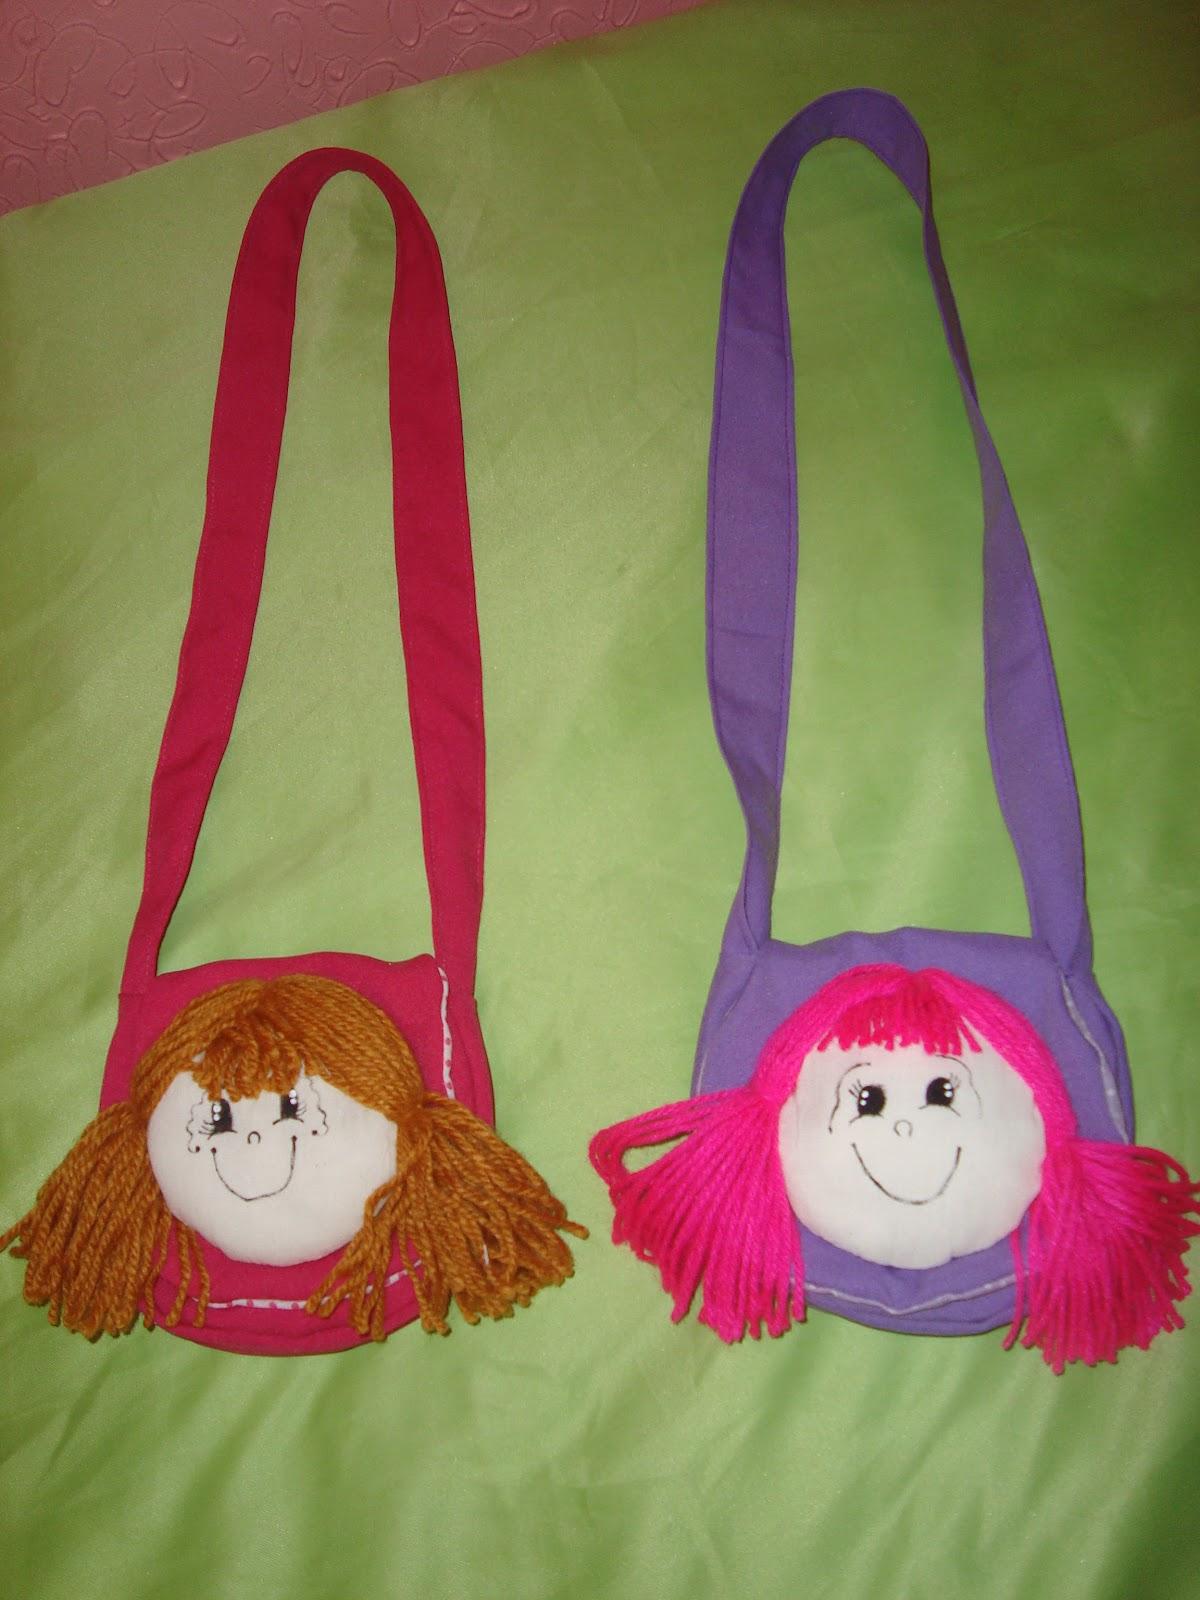 Bolsa Em Tecido Infantil : Artes coisas bolsa infantil de tecido